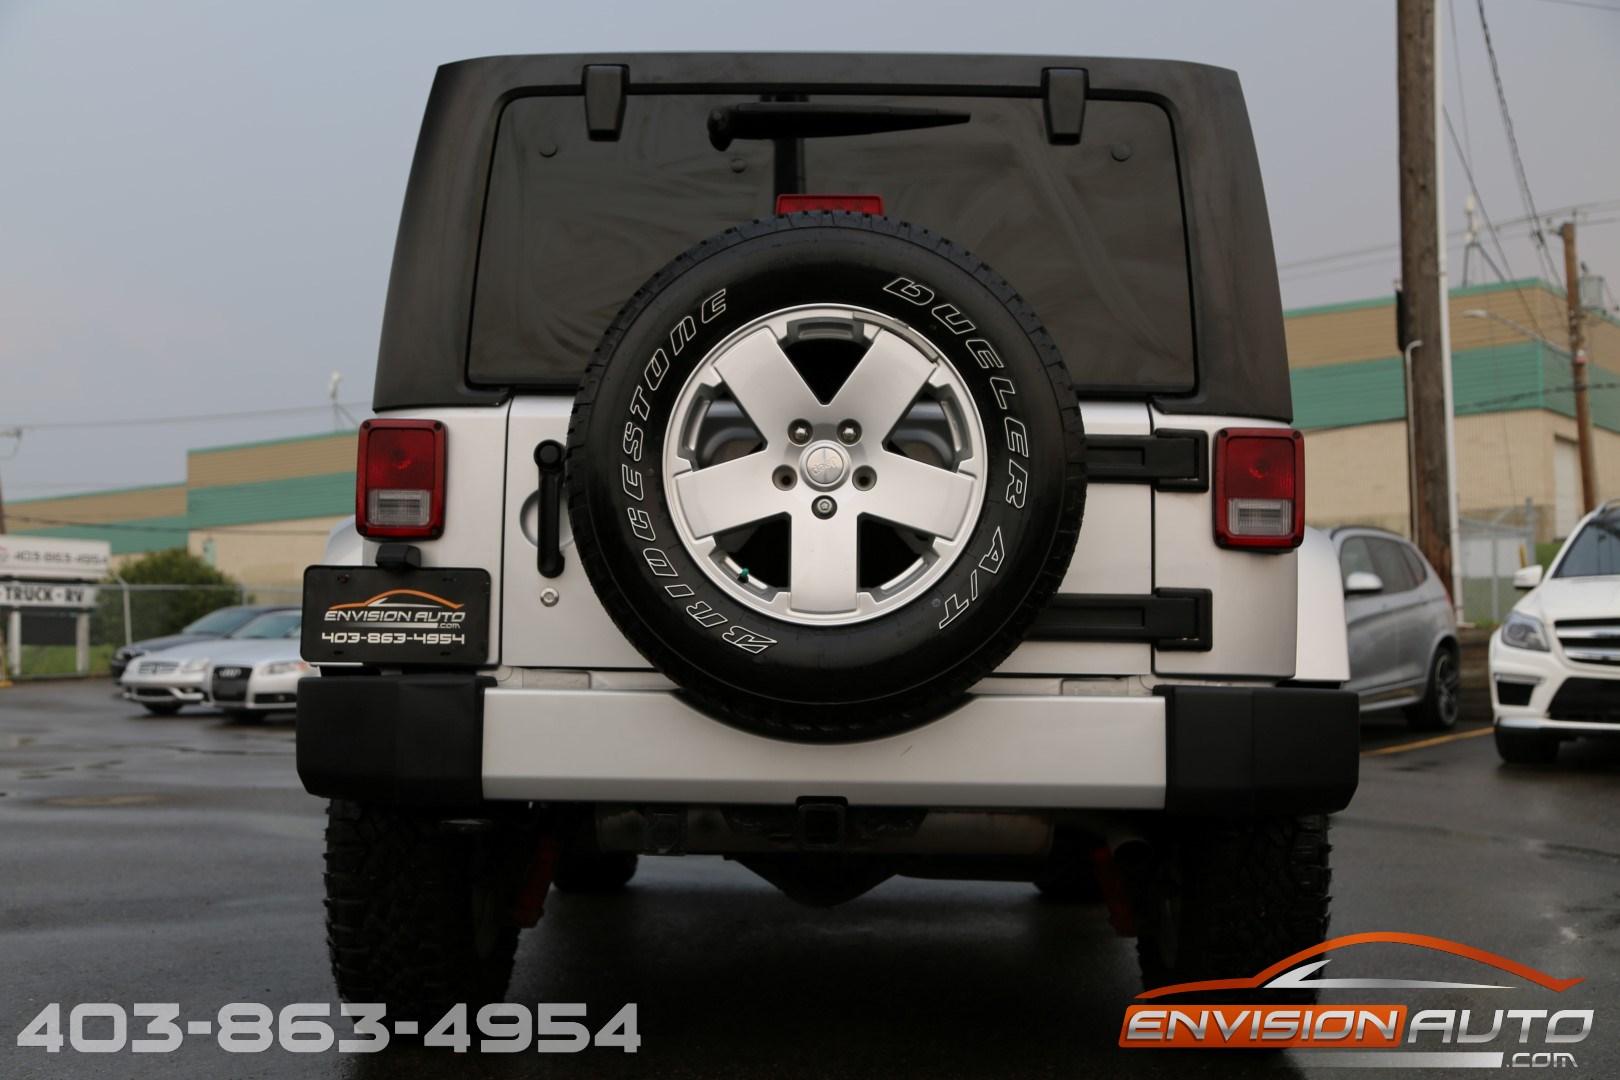 2011 Jeep Wrangler Sahara 2 Door \ 6 Speed Manual \ Only